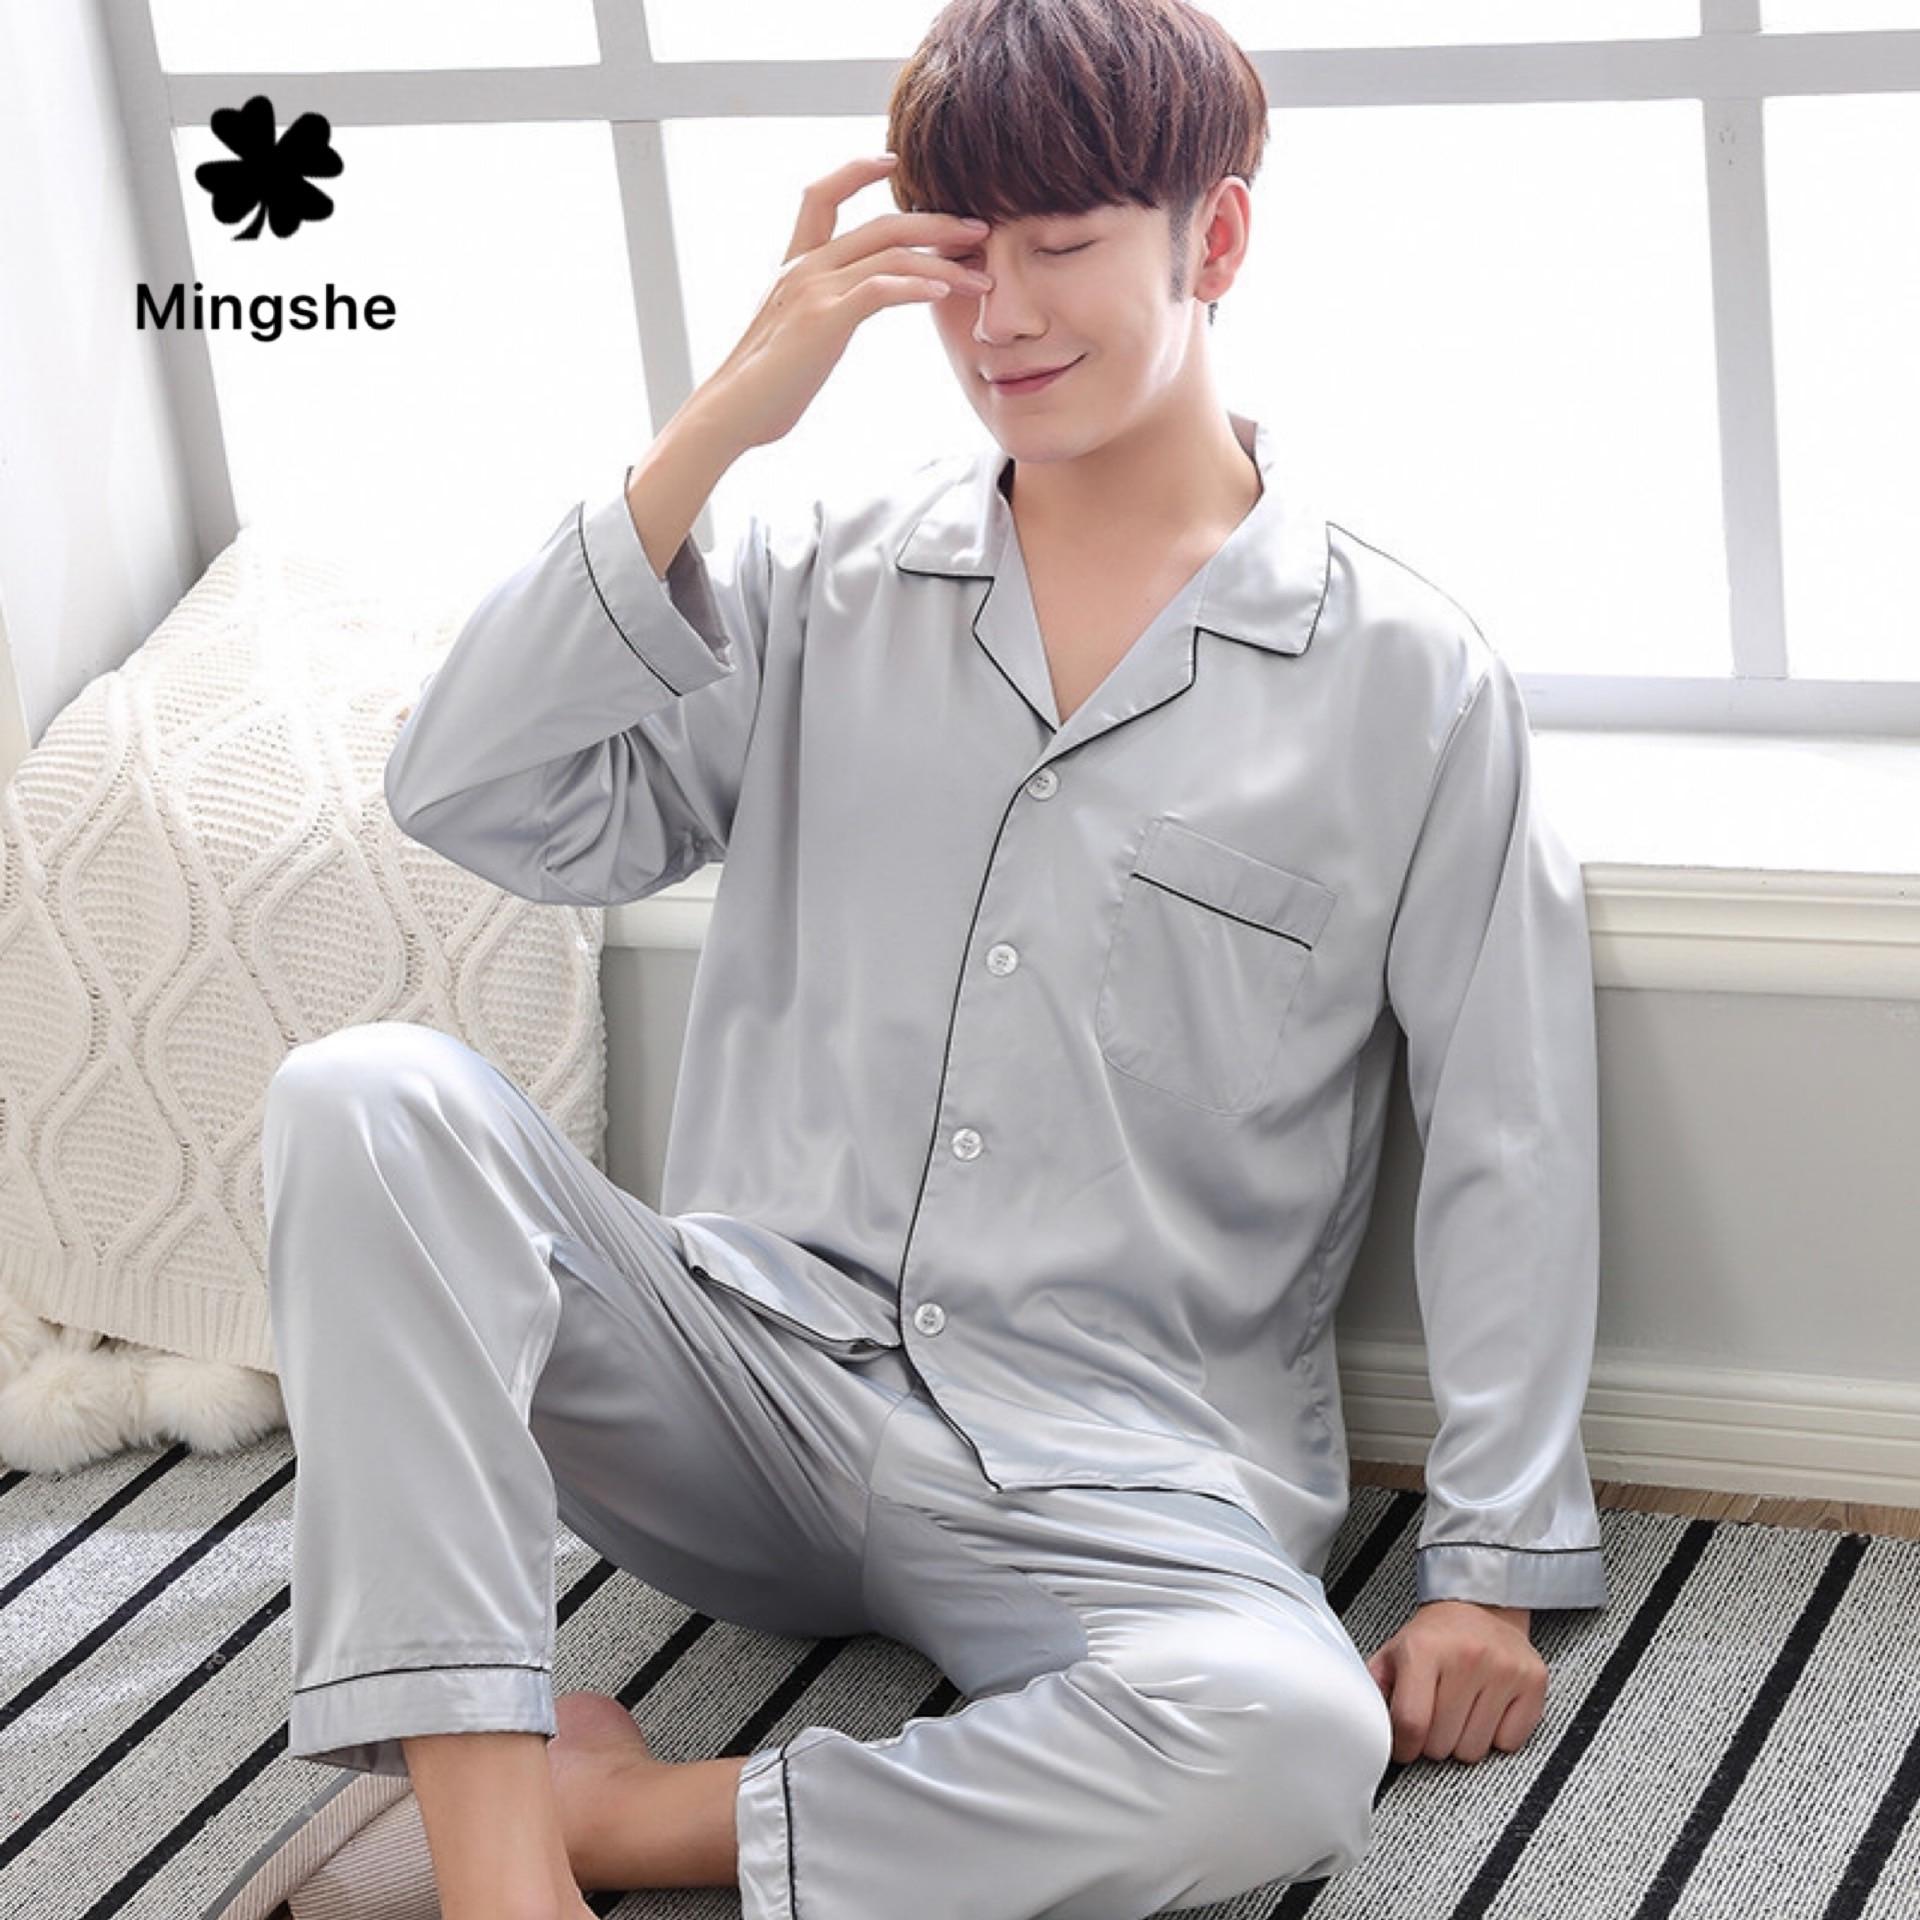 Весенние и осенние зимние пижамы мужские шелковые пижамы с длинными рукавами брюки ледяной шелк тонкий срез домашний сервис костюм Лето XL